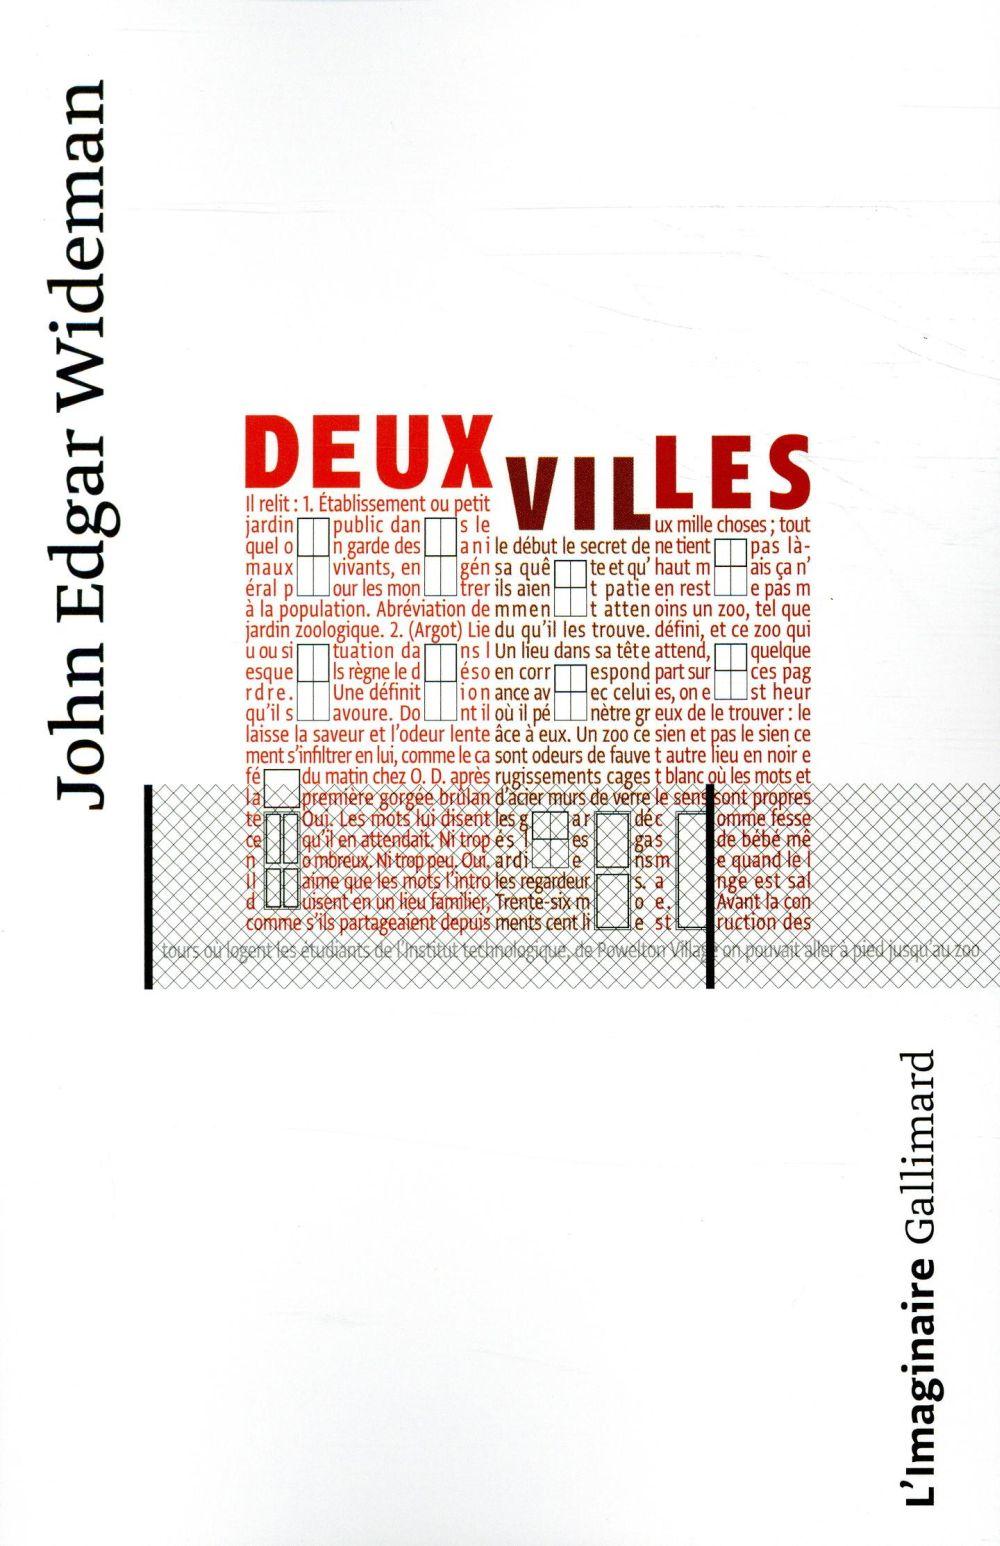 DEUX VILLES